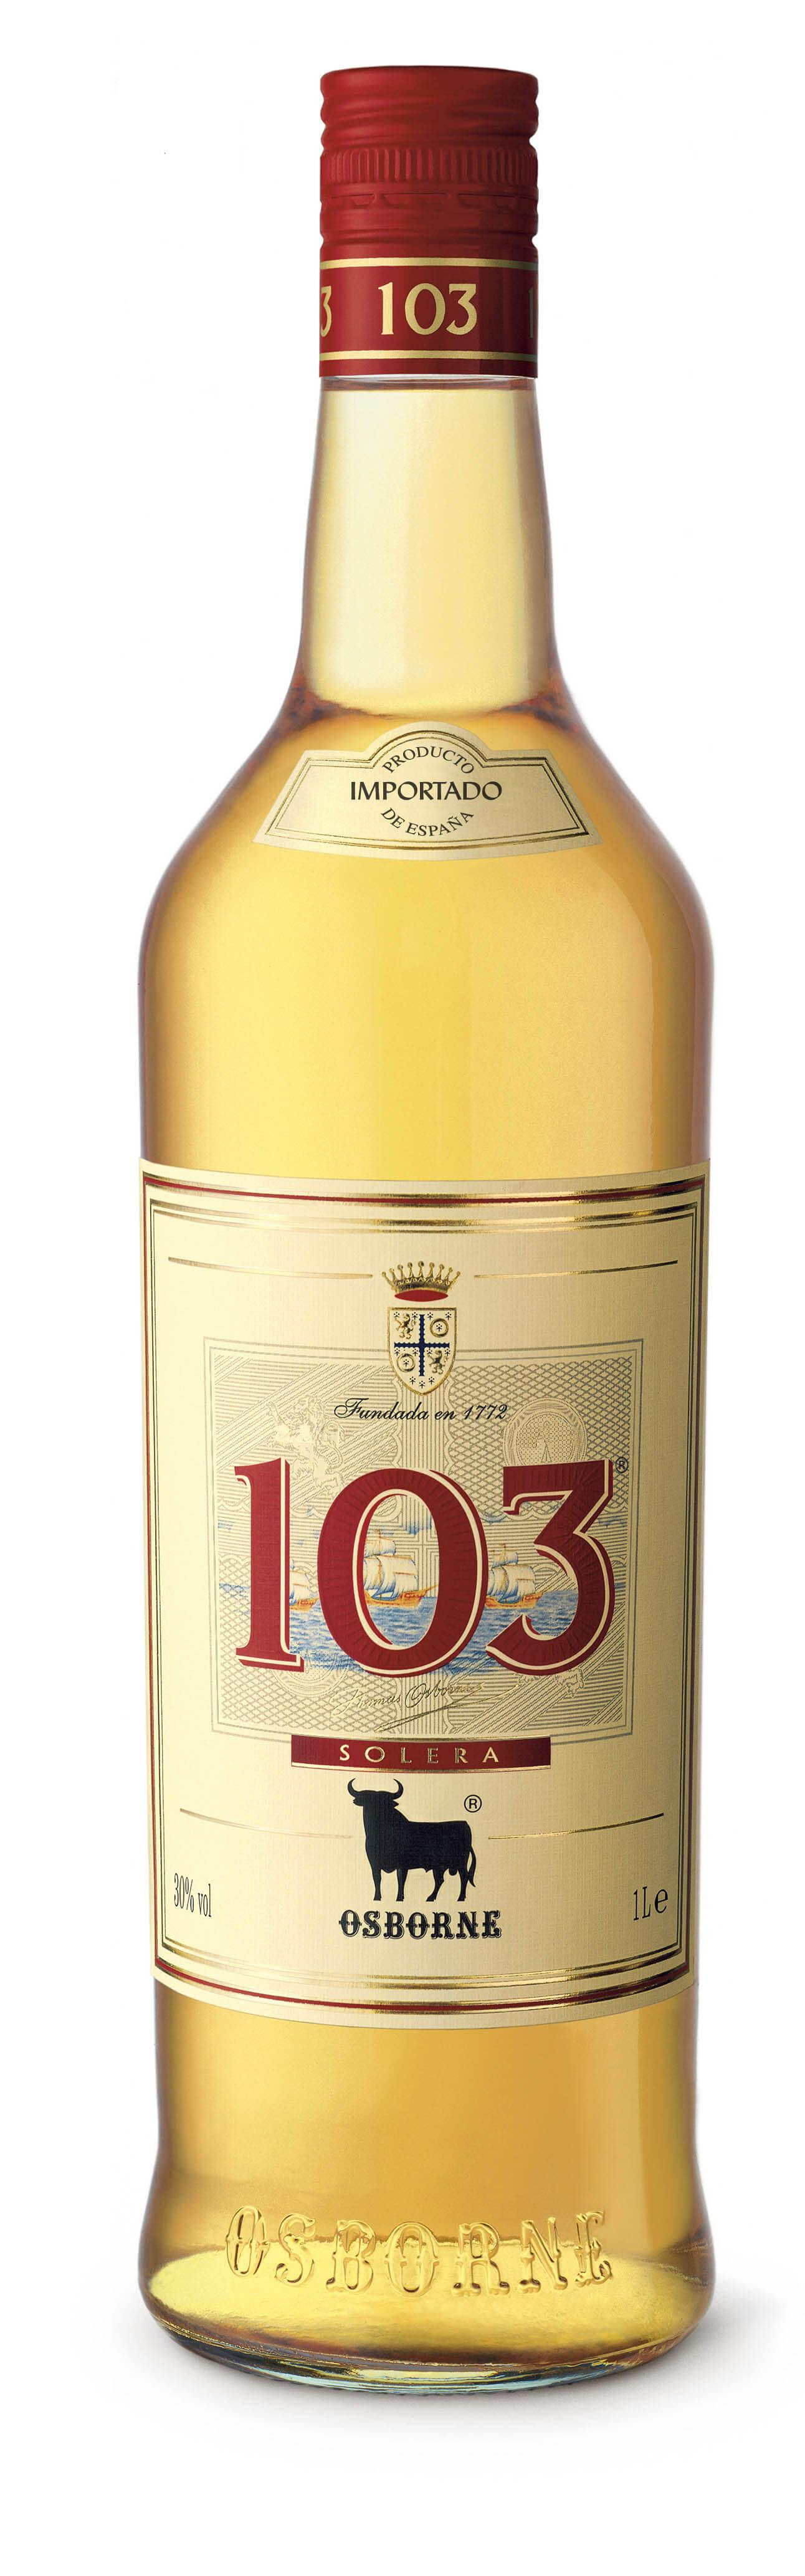 Osborne Solera 103 Etiqueta Blanca